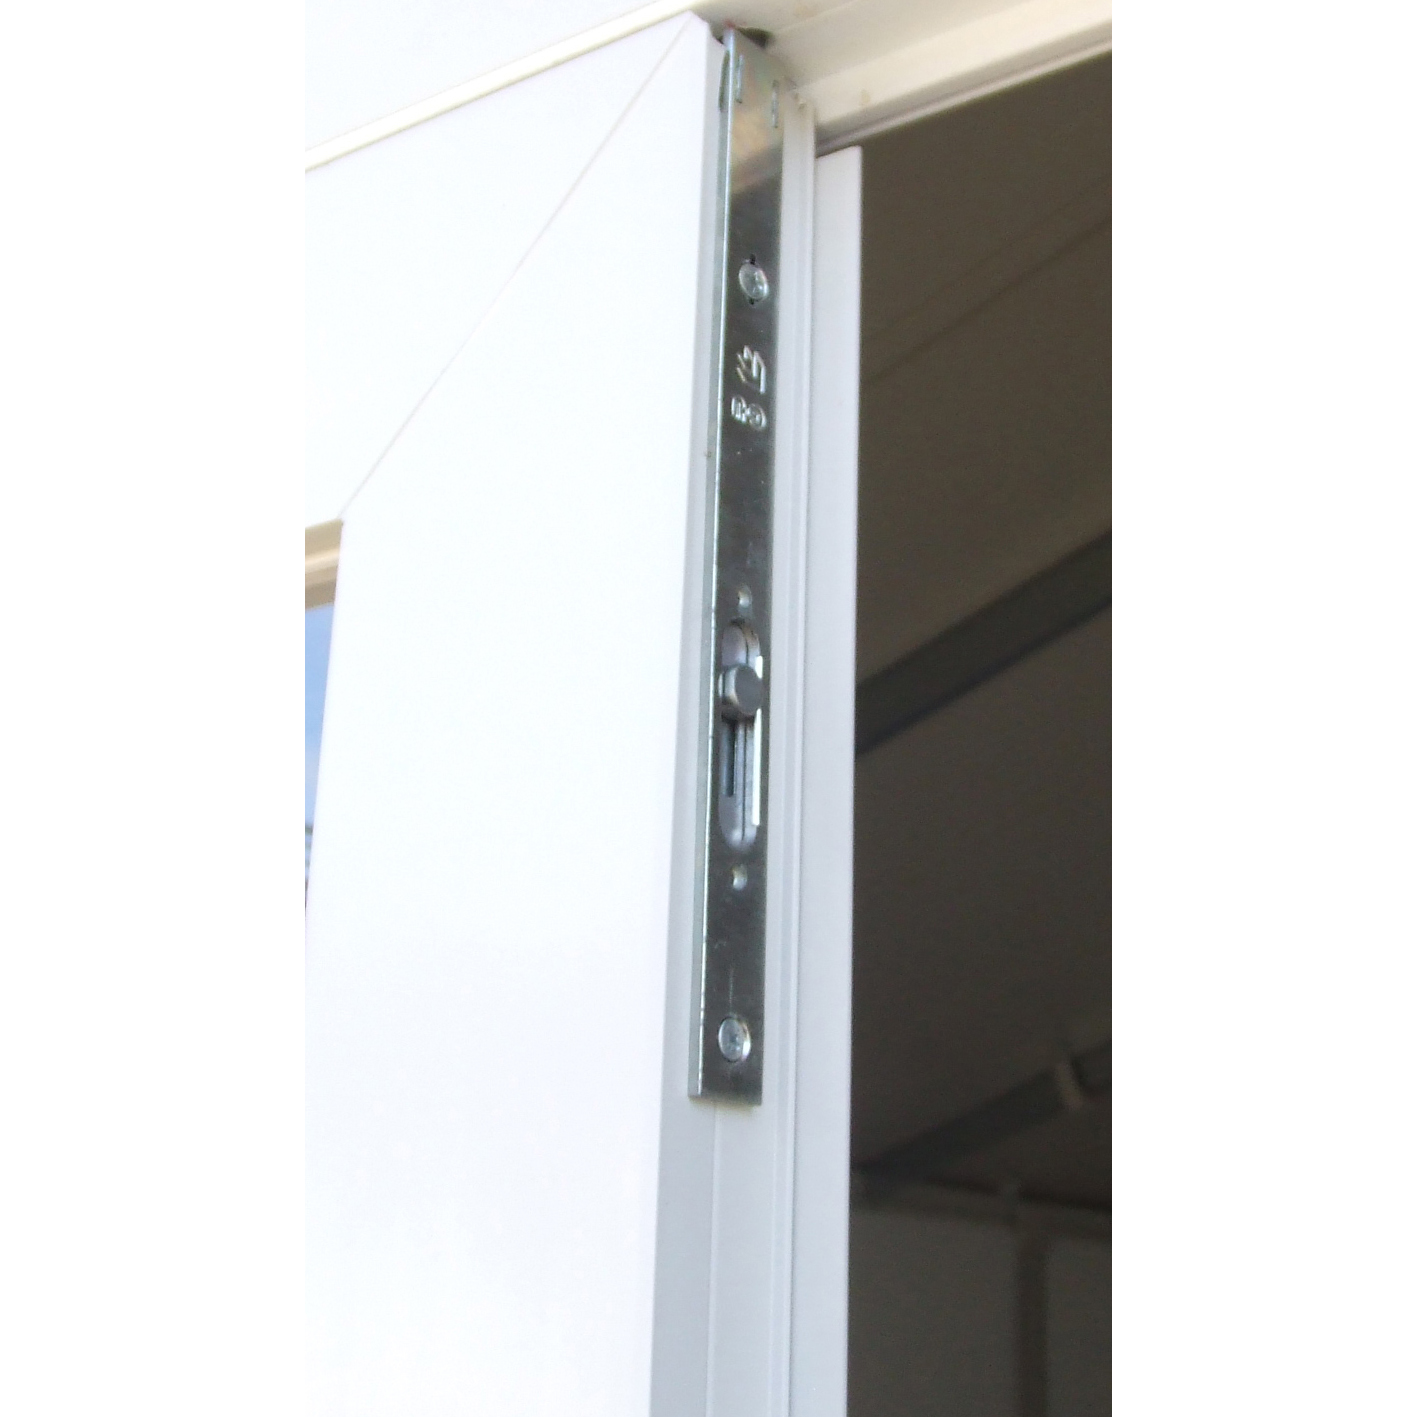 ondis24 gartenhaus schuppen kunststoff metall grau h 7 5 g nstig online kaufen. Black Bedroom Furniture Sets. Home Design Ideas